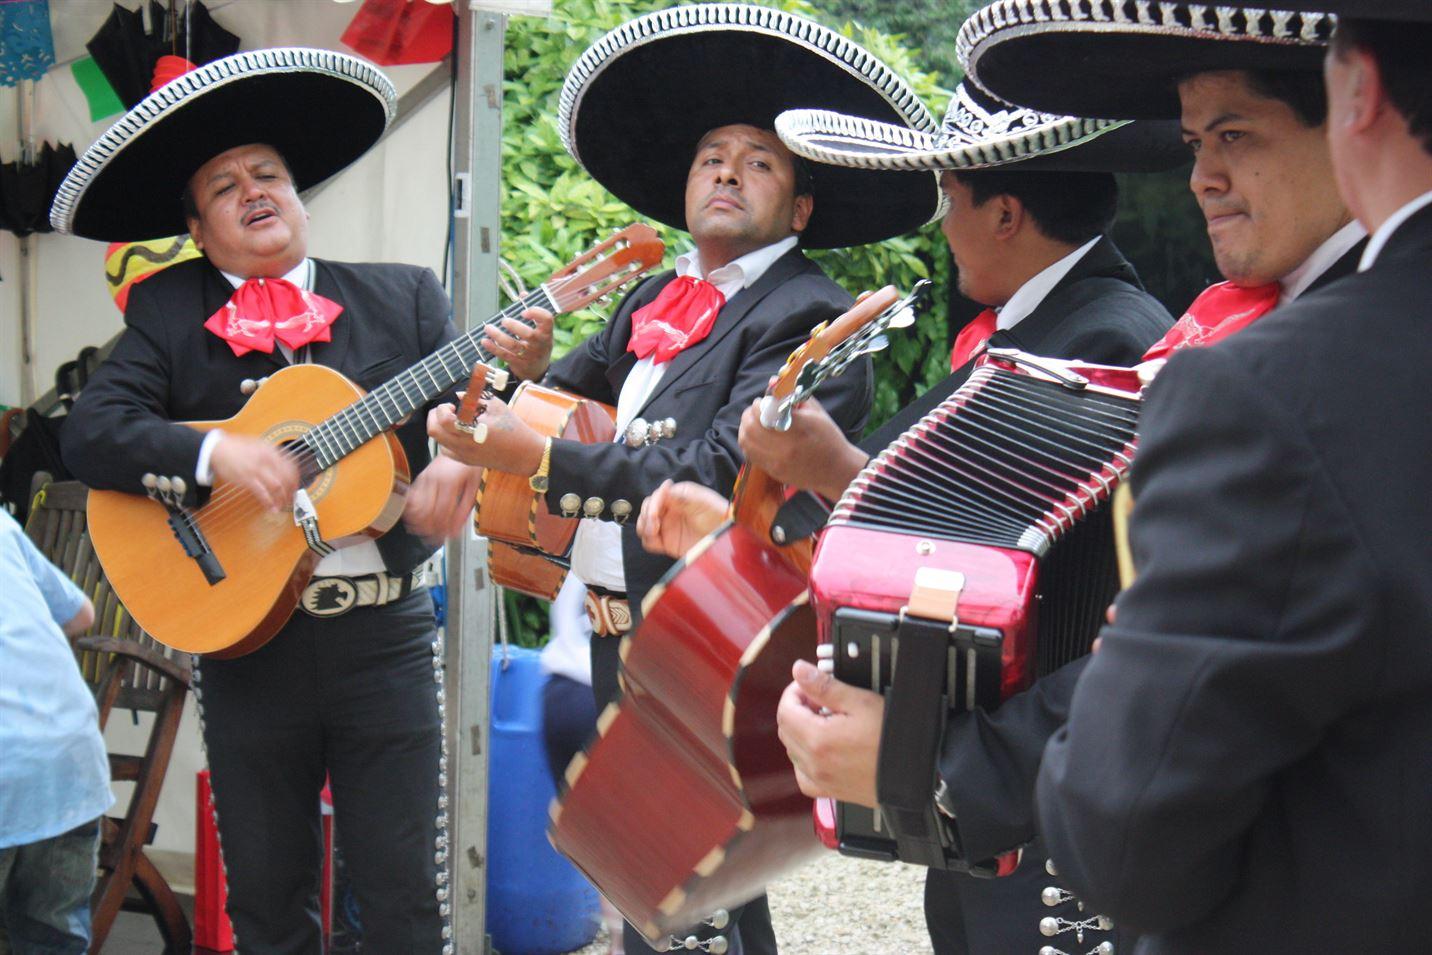 México Mariachis